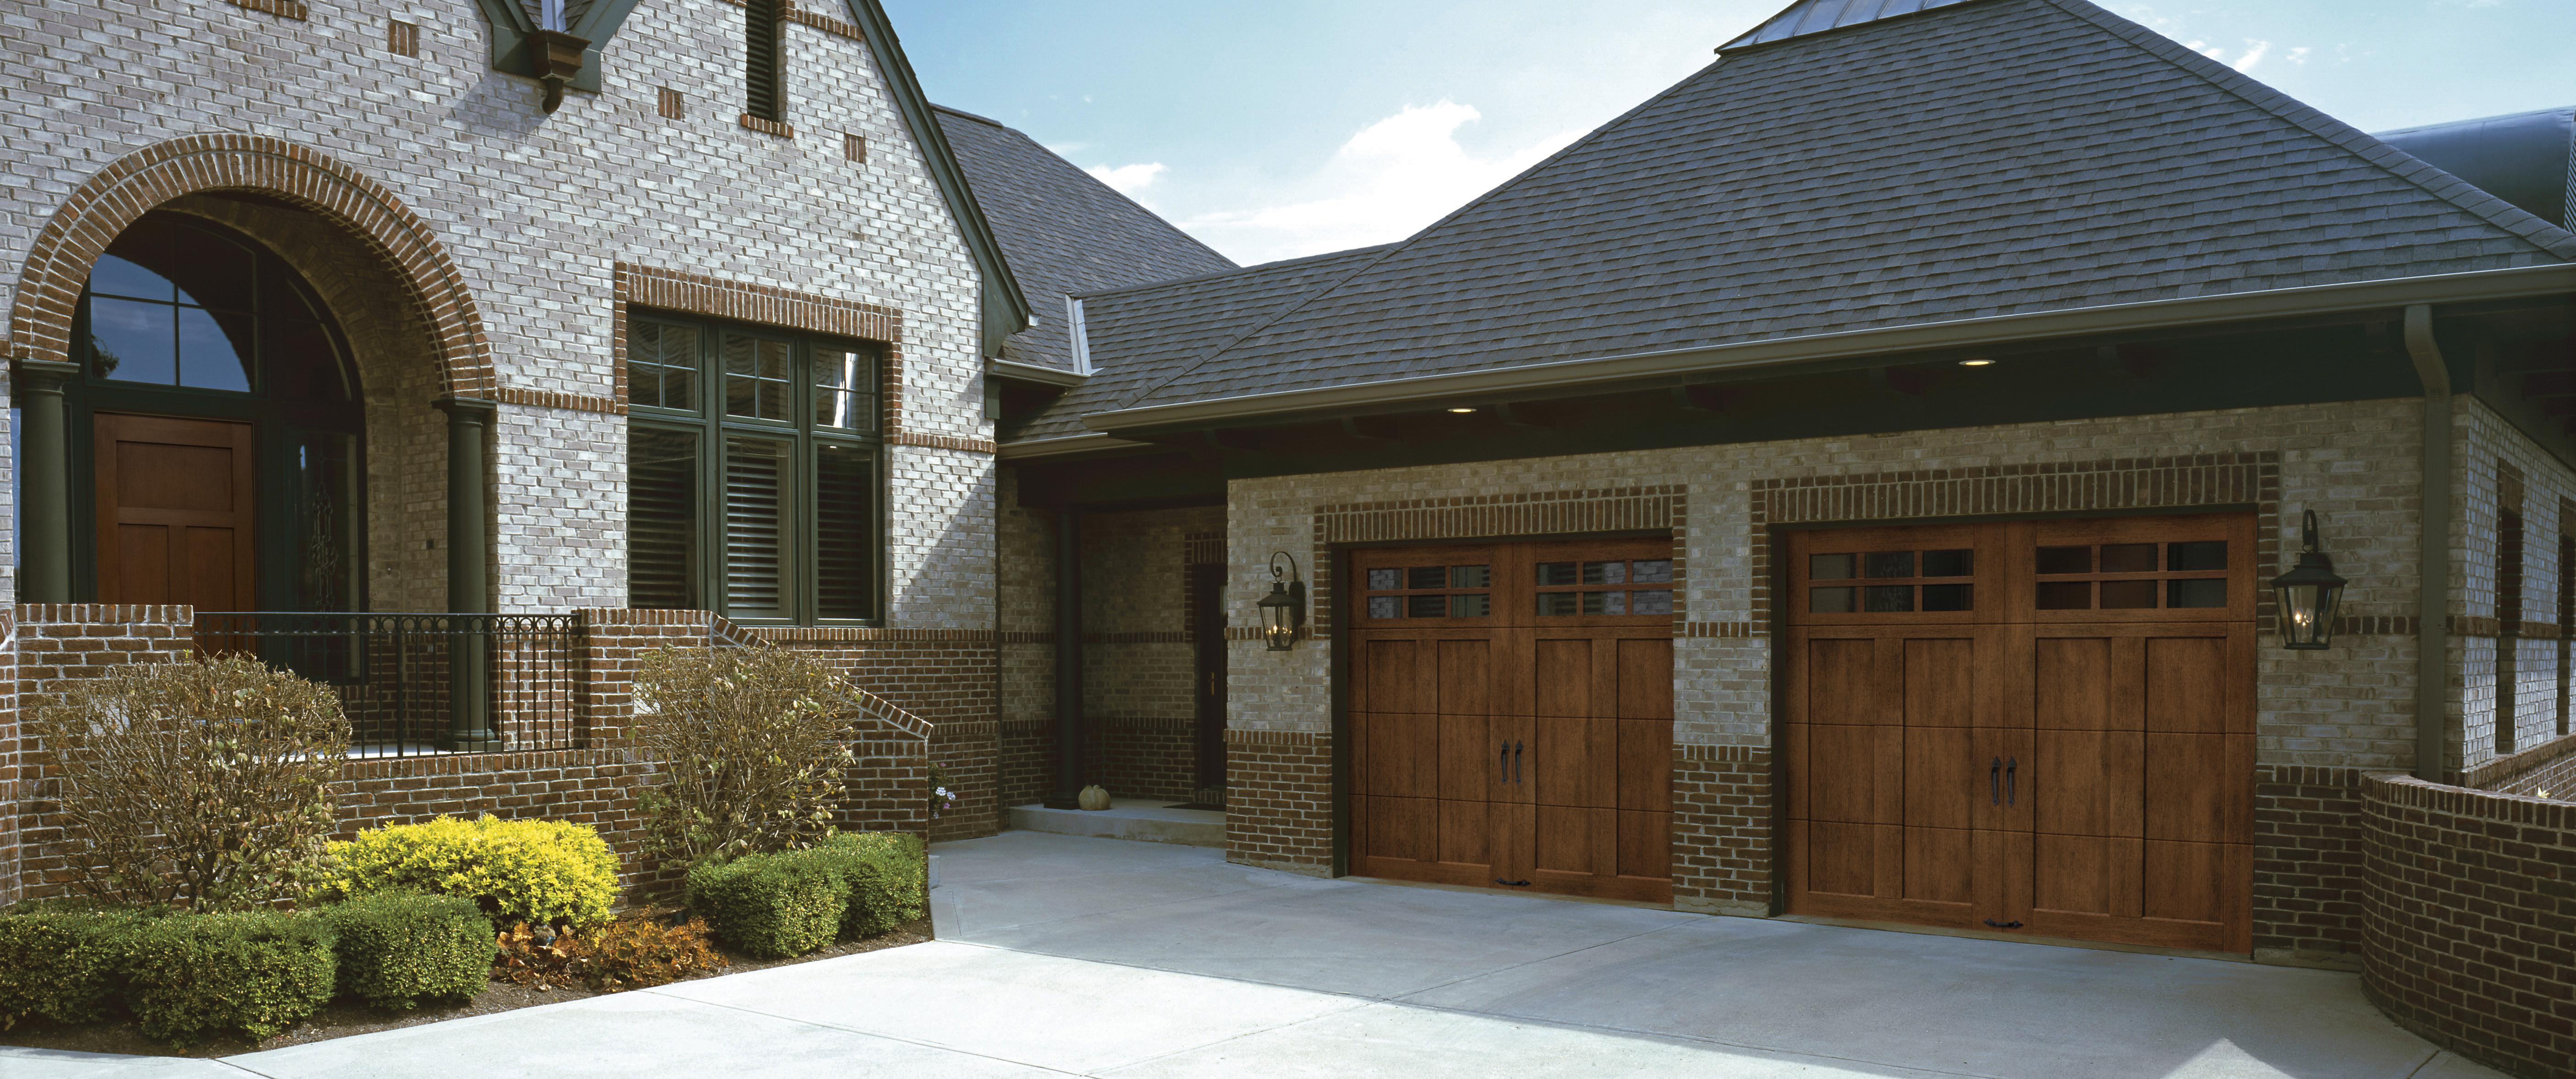 garage door for real with barn sliding la residential garages exterior prices screen doors diy jolla